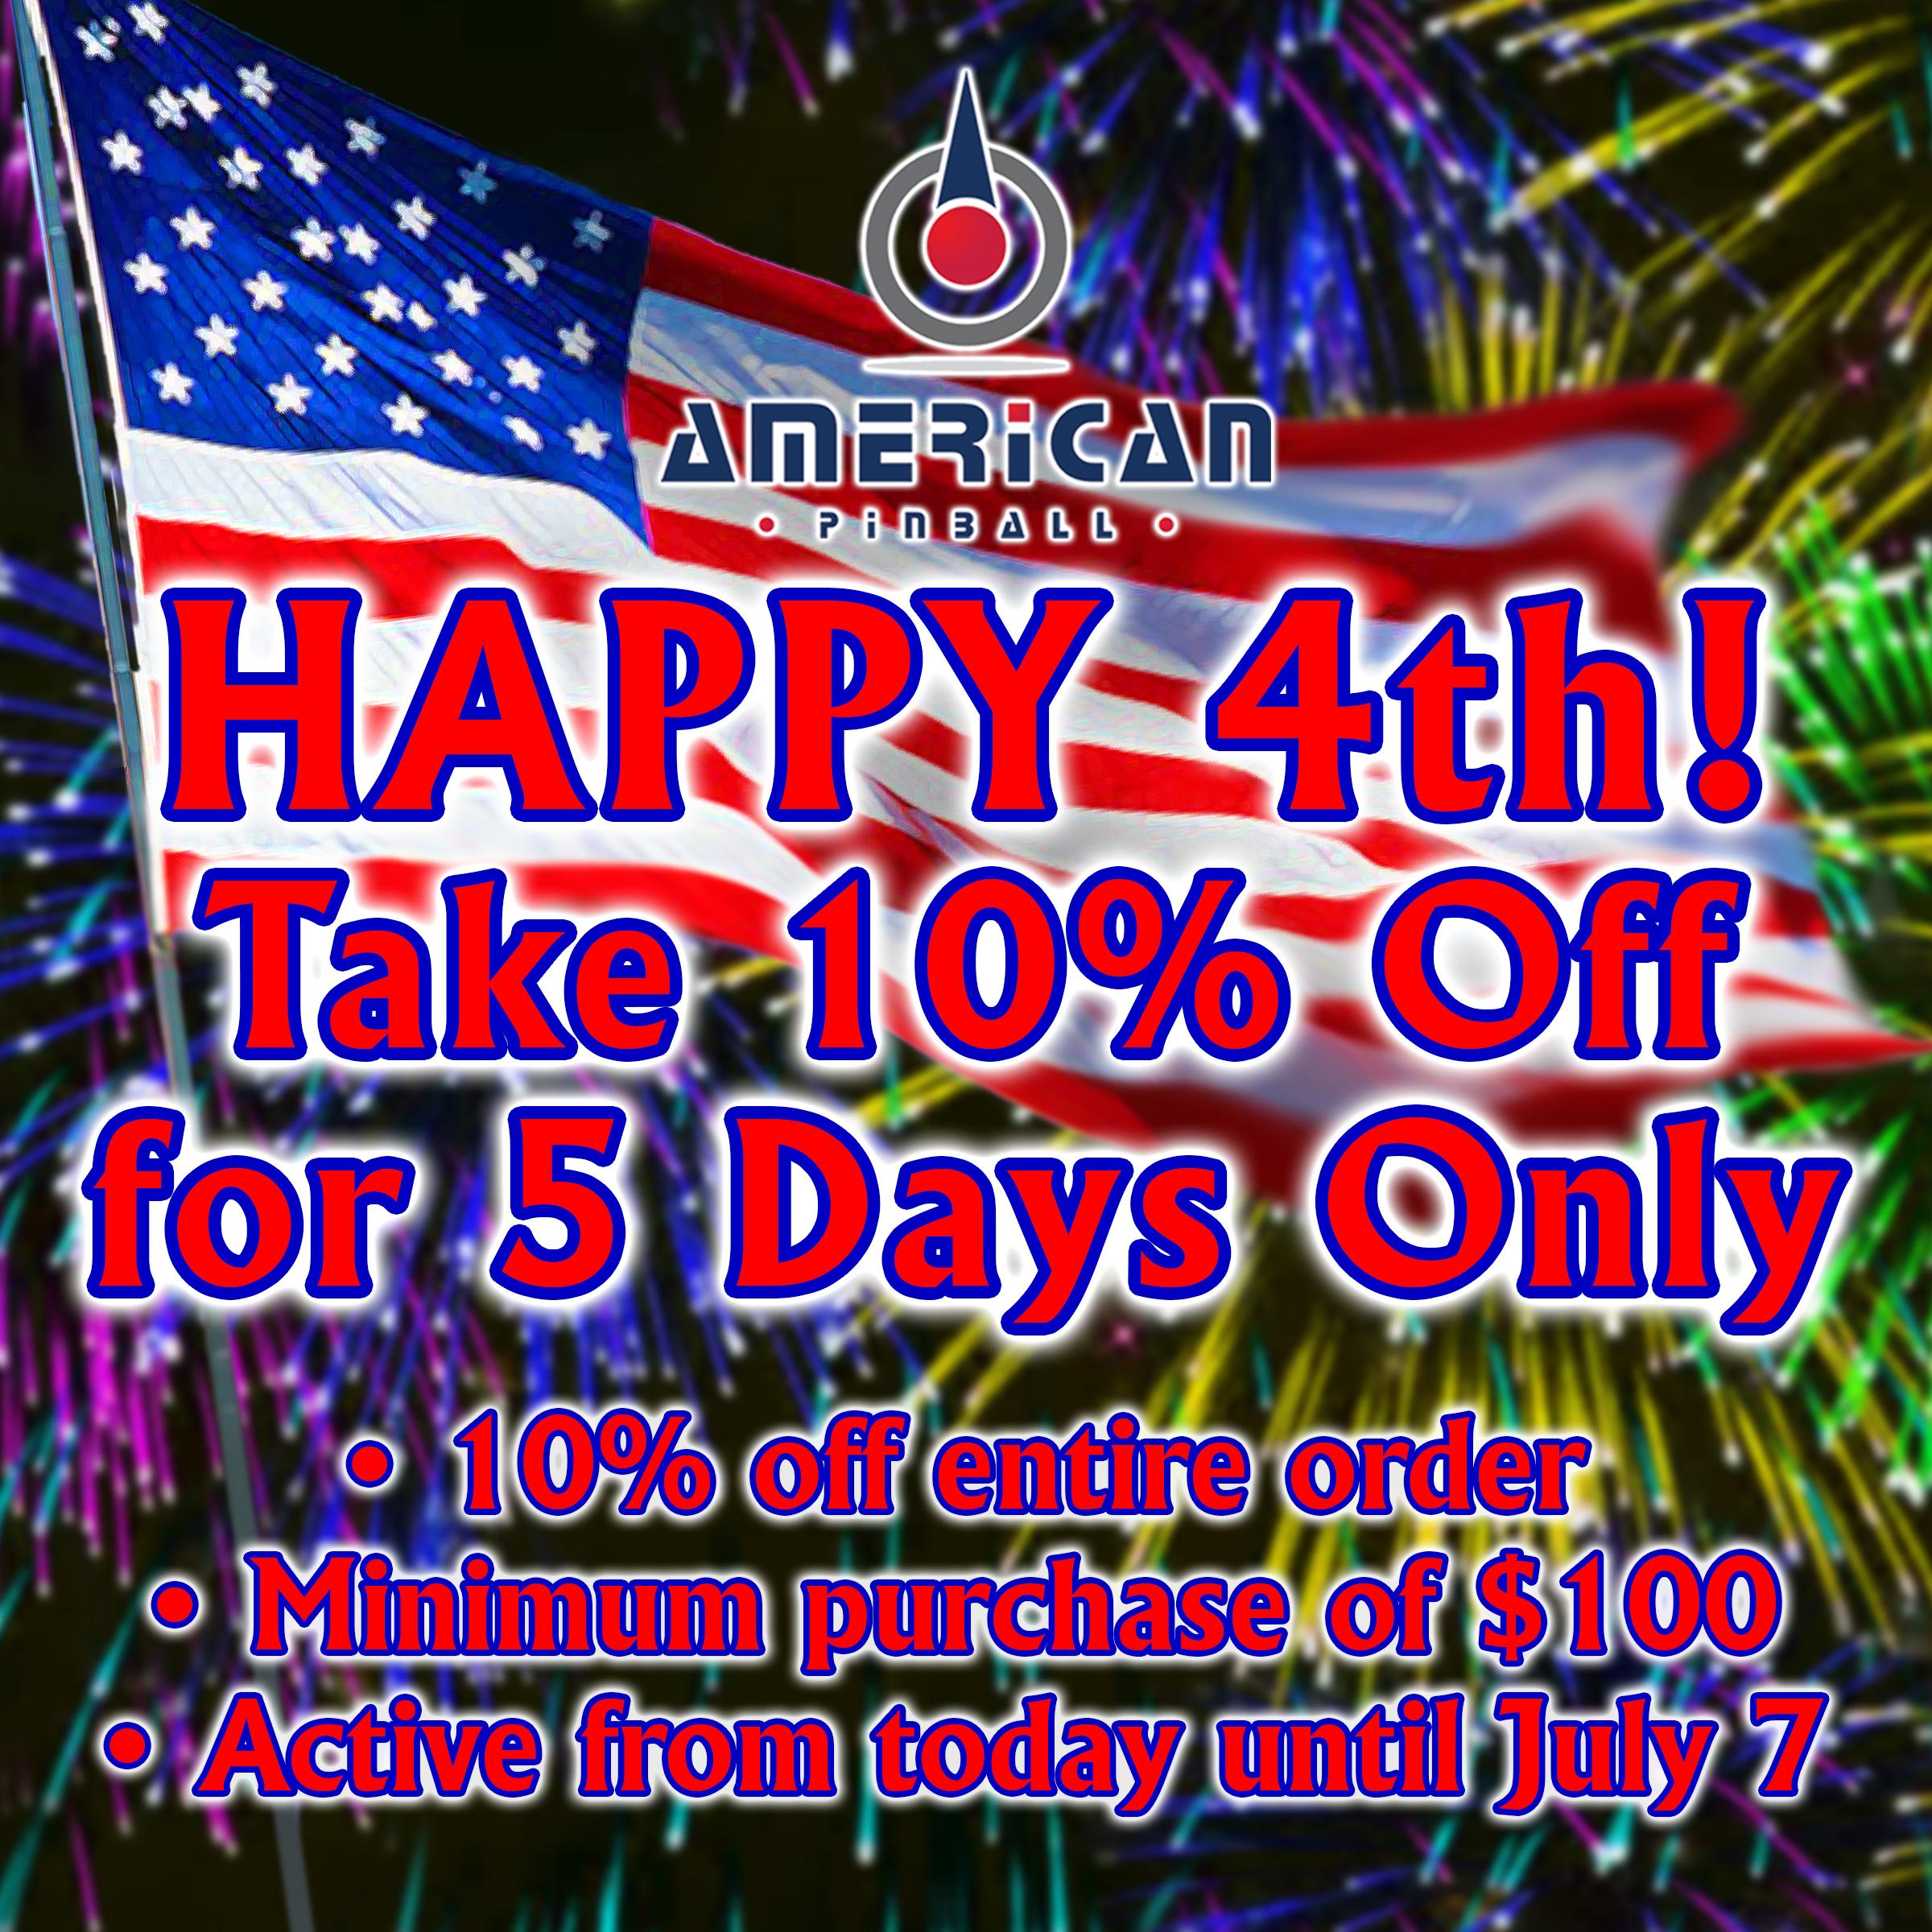 4th of July week end sale!!!